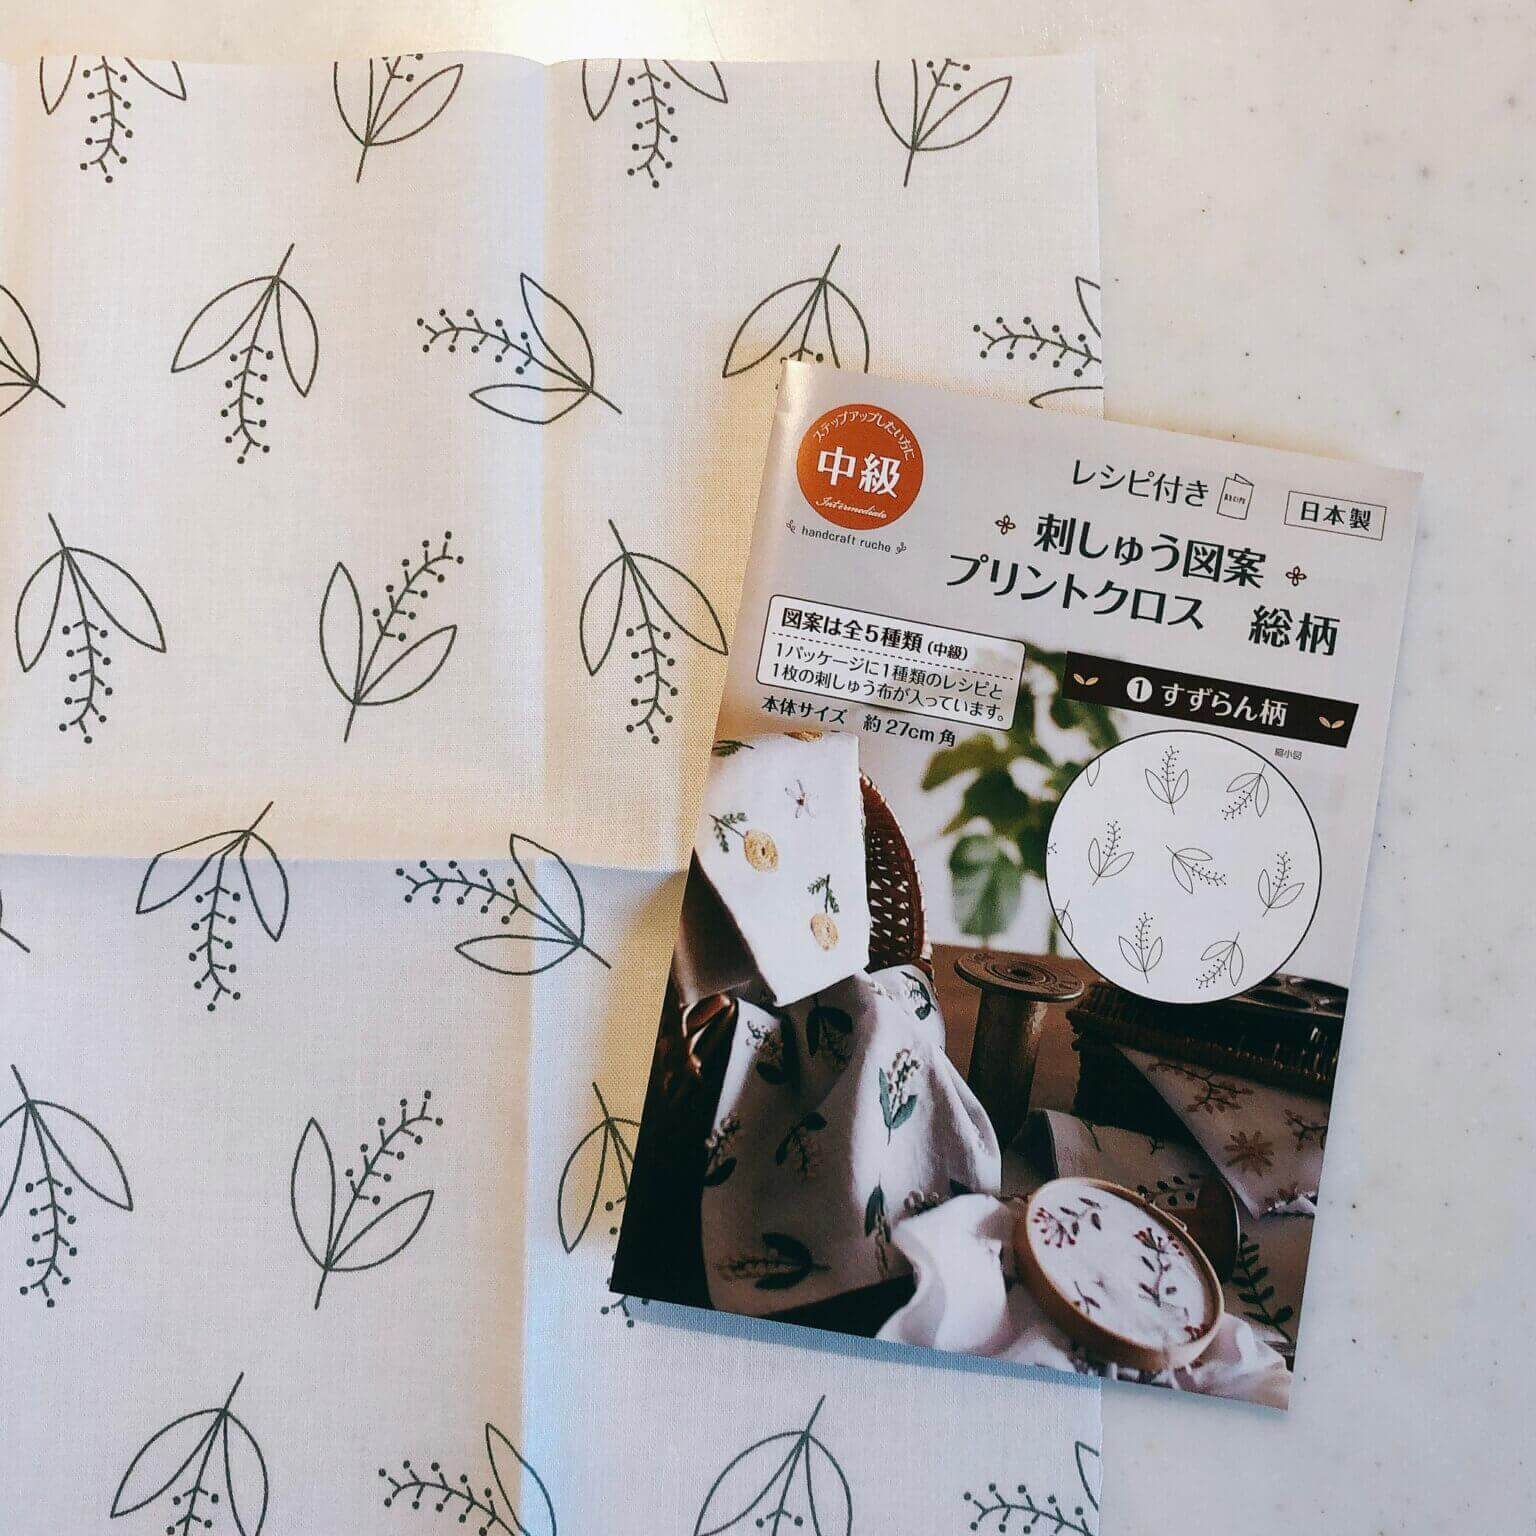 【100均】セリア・ダイソー・キャンドゥで何買った?6人のリアル購入品を拝見!【暮らし上手のお買い物・2021】